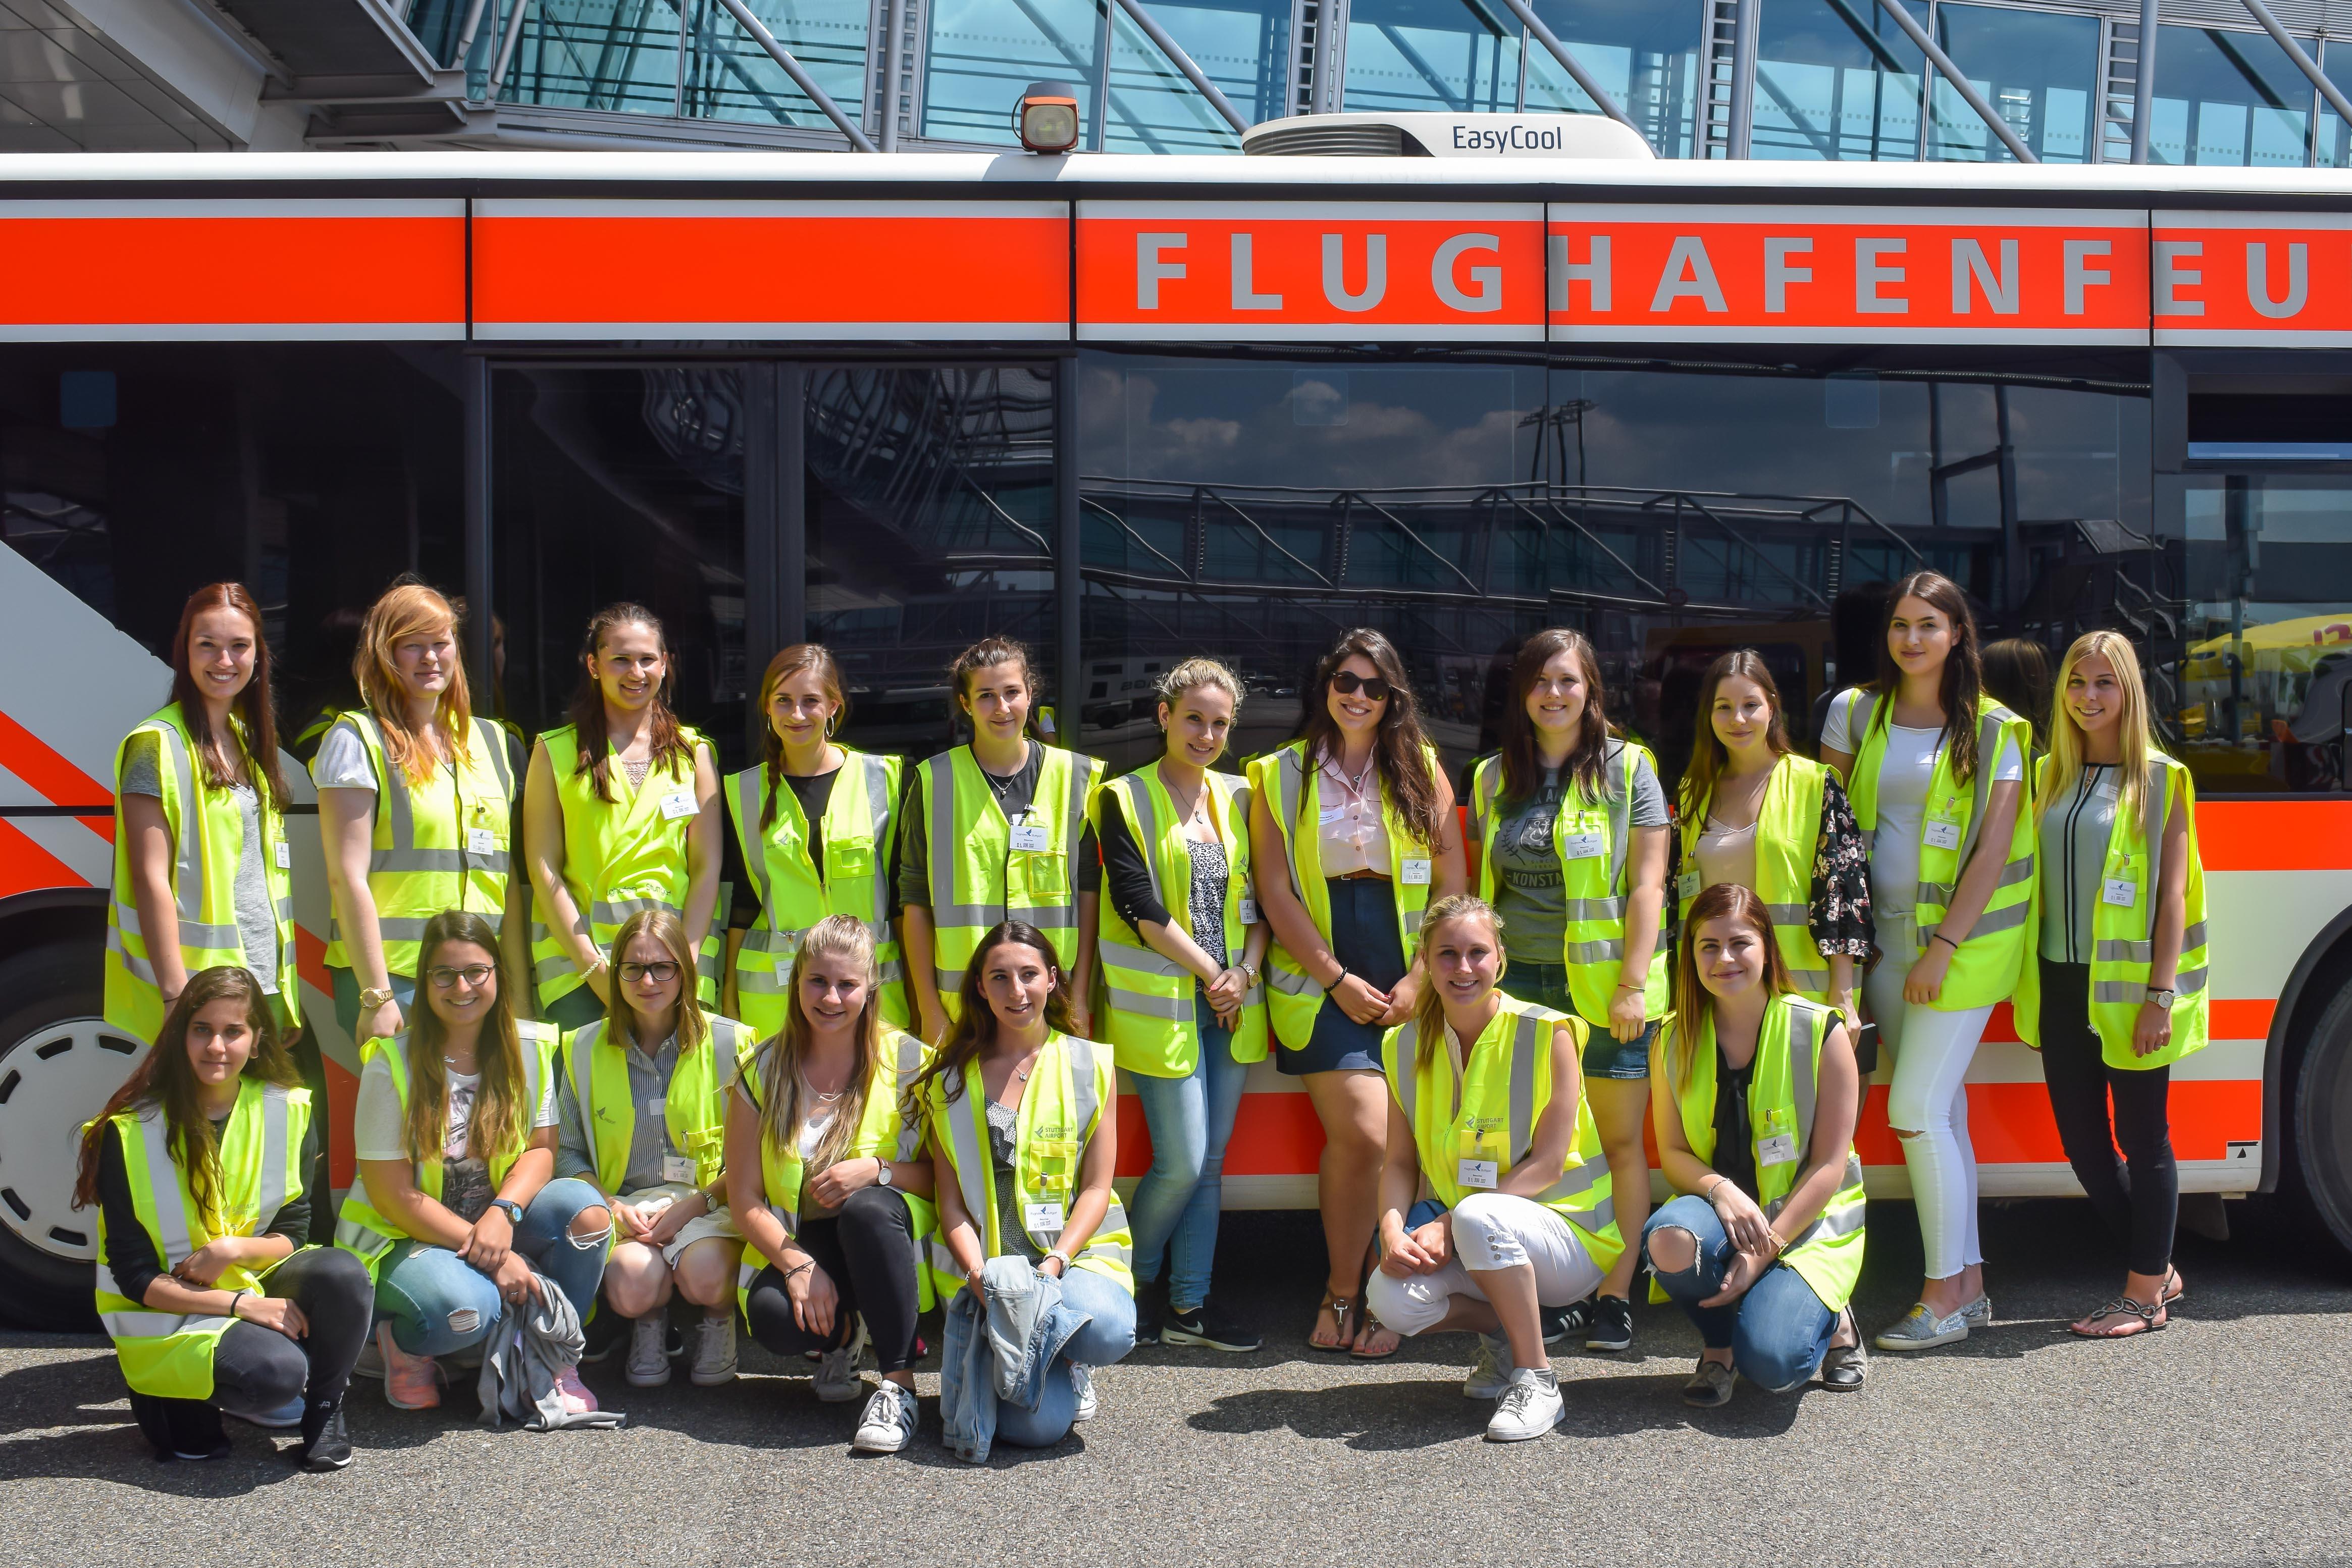 Die Teilnehmer des Rundgangs am Stuttgarter Flughafen